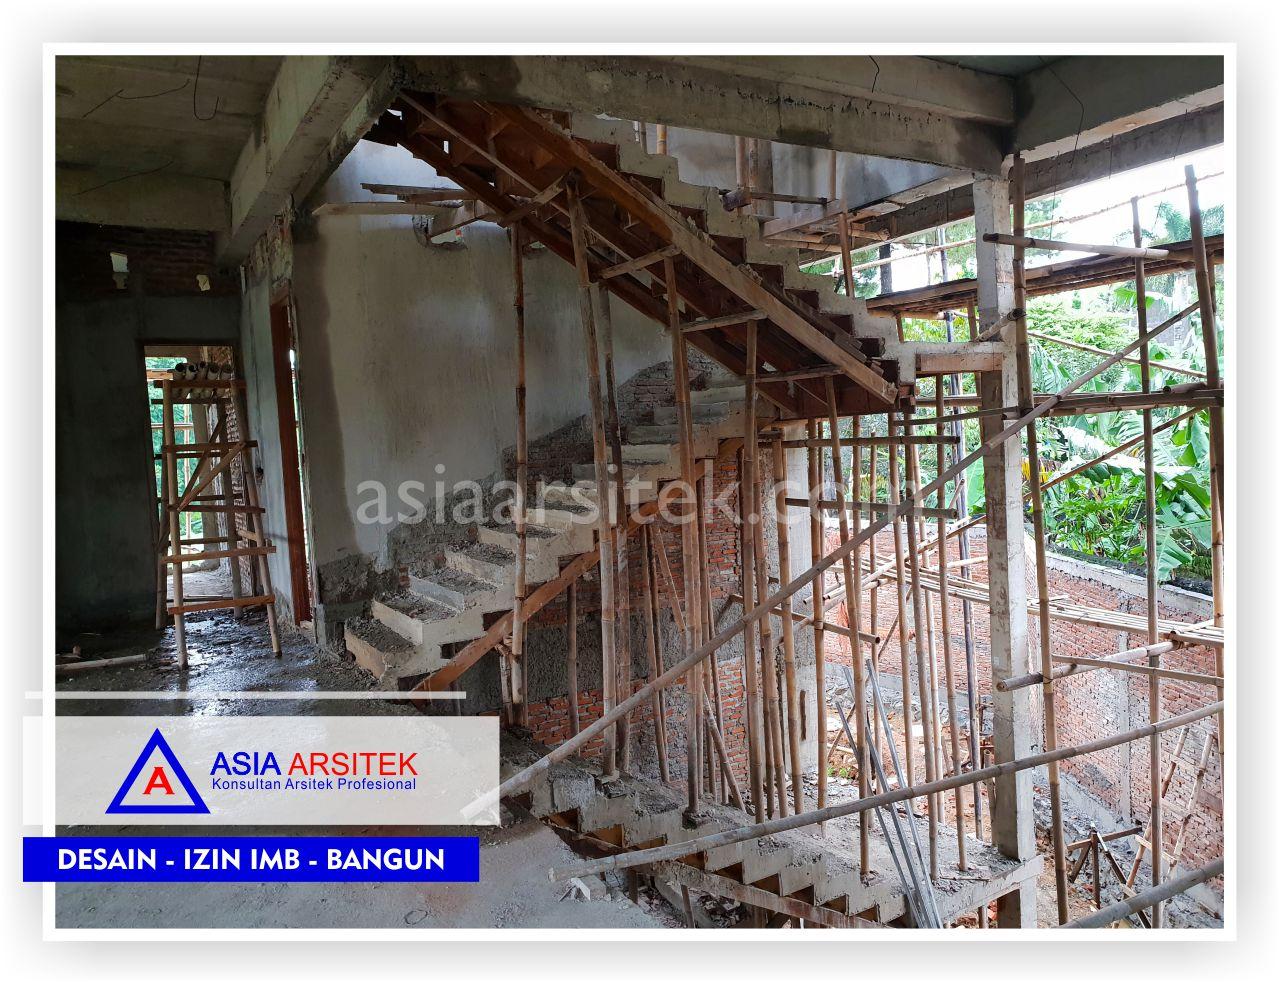 Area Tangga Villa Minimalis Bu Kartini - Arsitek Desain Rumah Minimalis Modern Di Bogor-Jakarta-Tangerang-Bekasi-Bandung-Jasa Konsultan Desain Arsitek Profesional